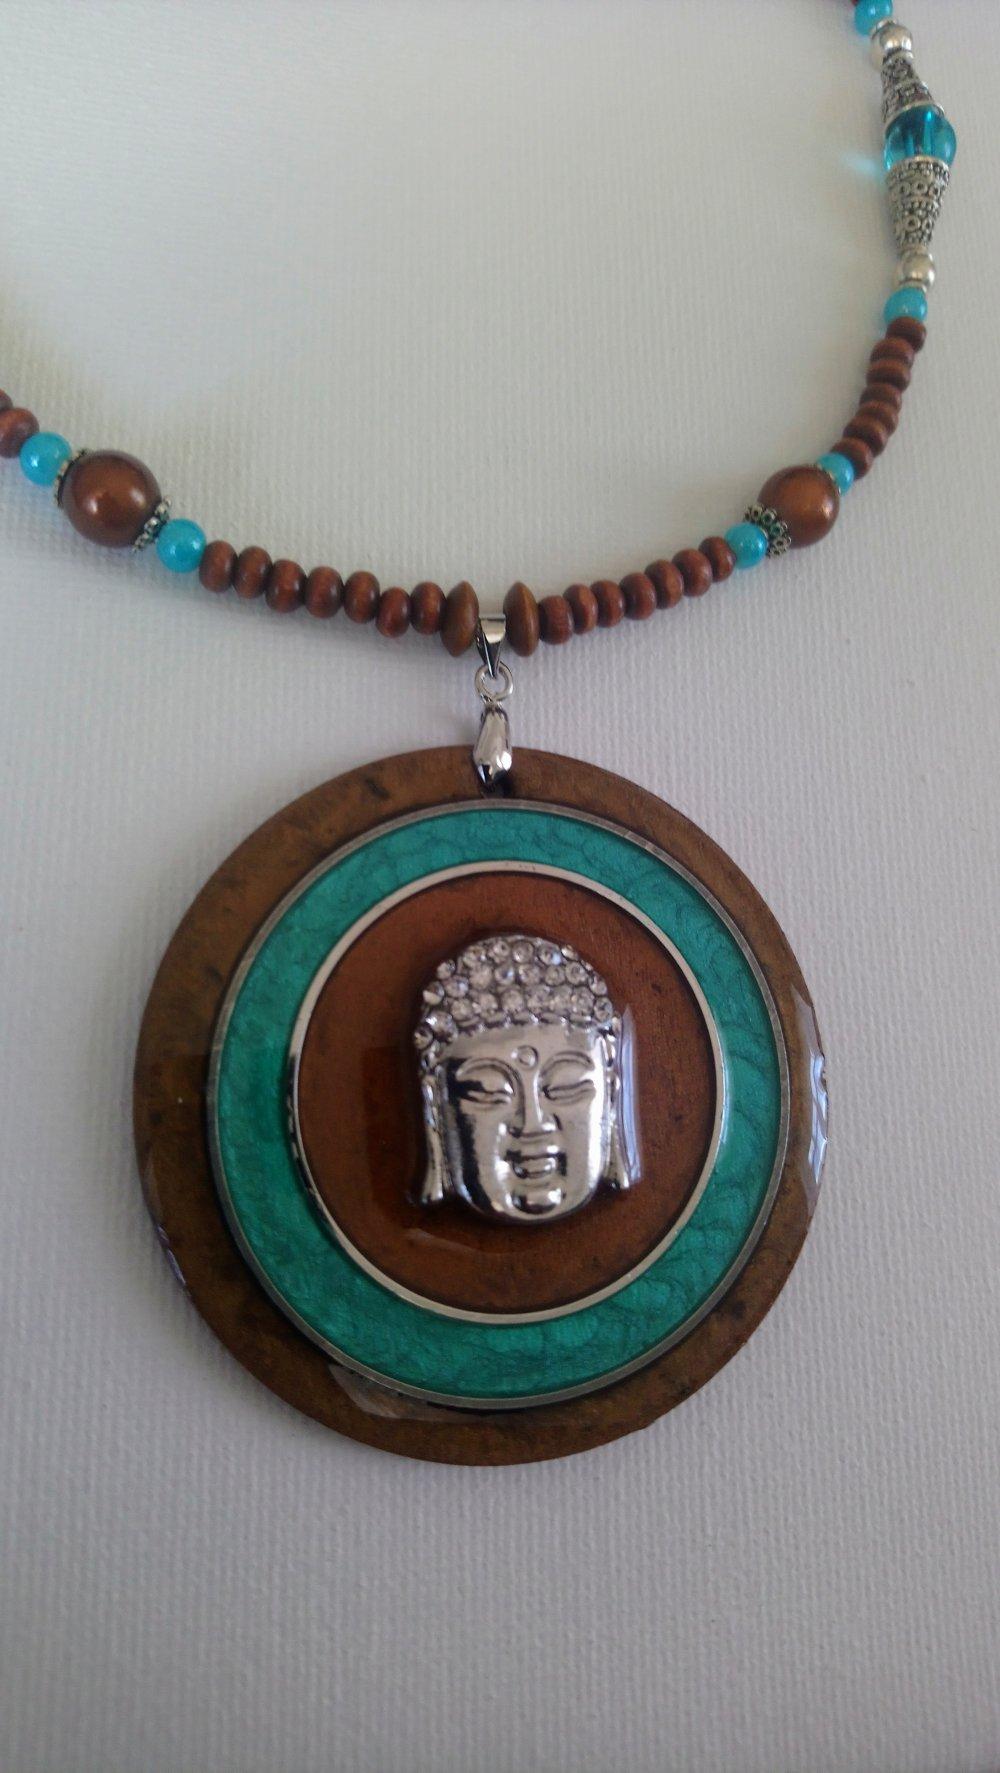 collier bouddha marron glacé turquoise argenté fait main